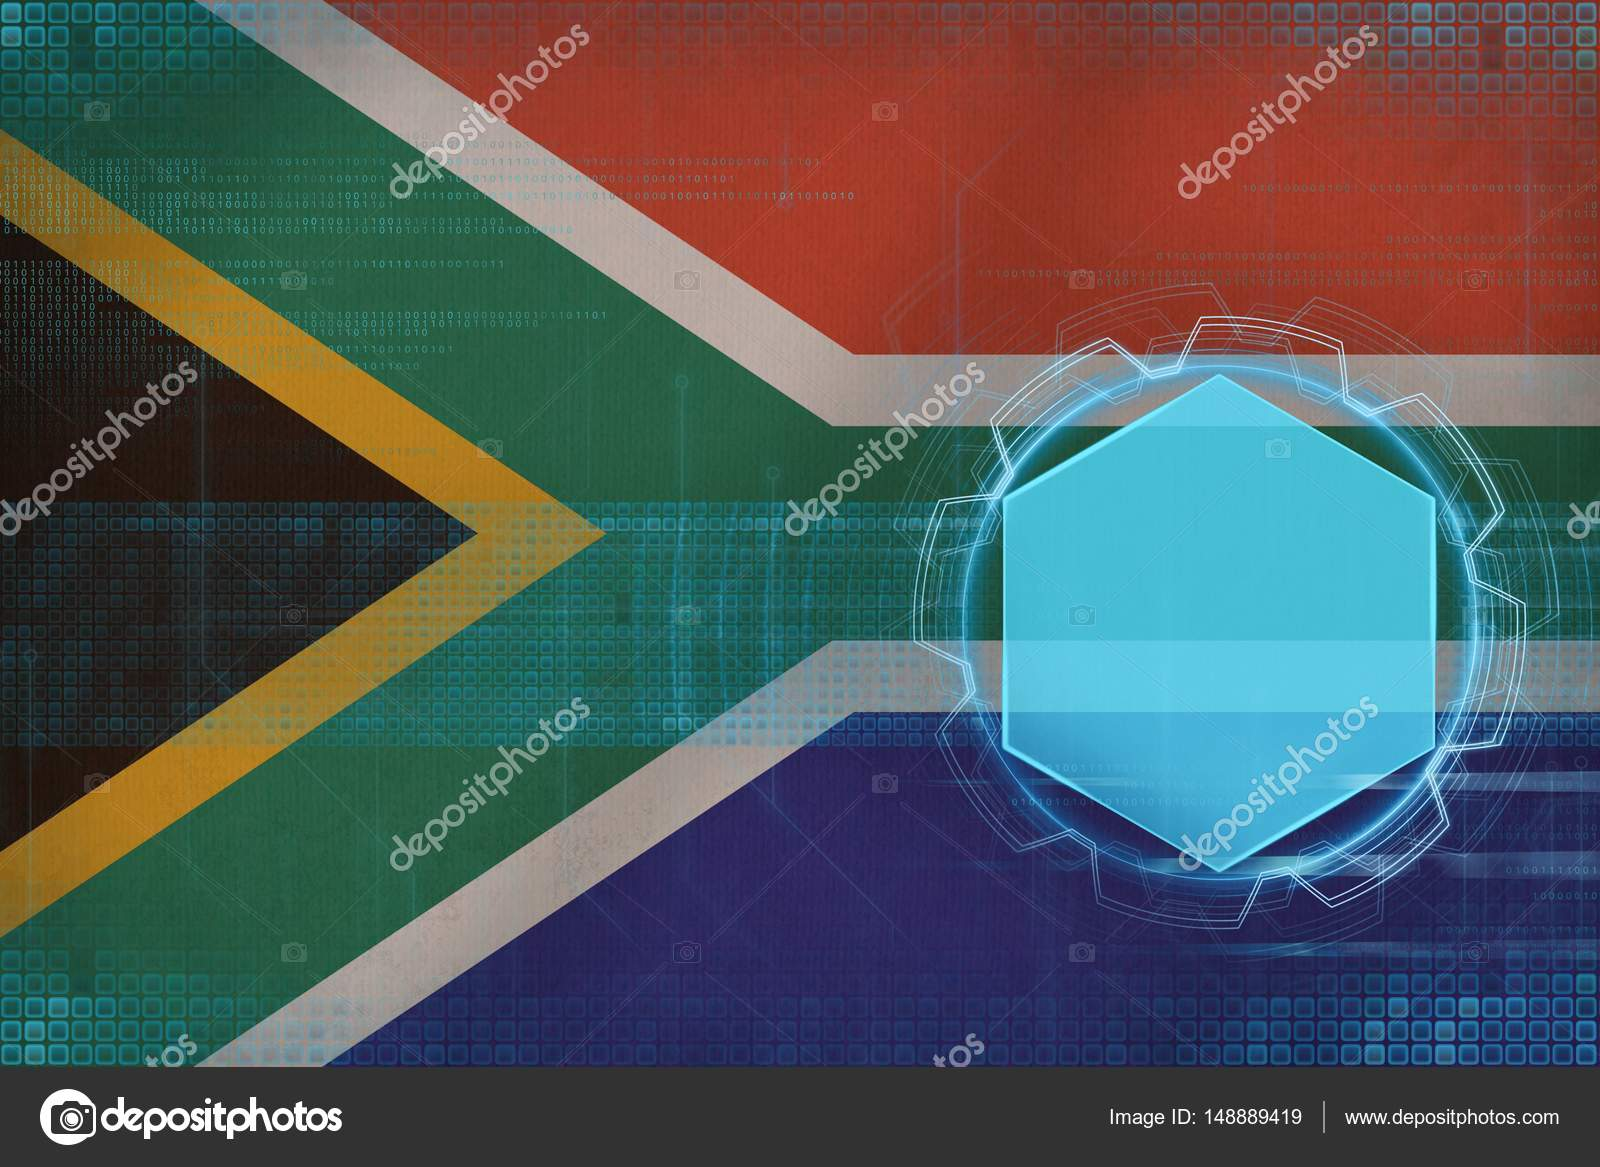 Maqueta Digital Del Sur De áfrica Concepto De Estructura